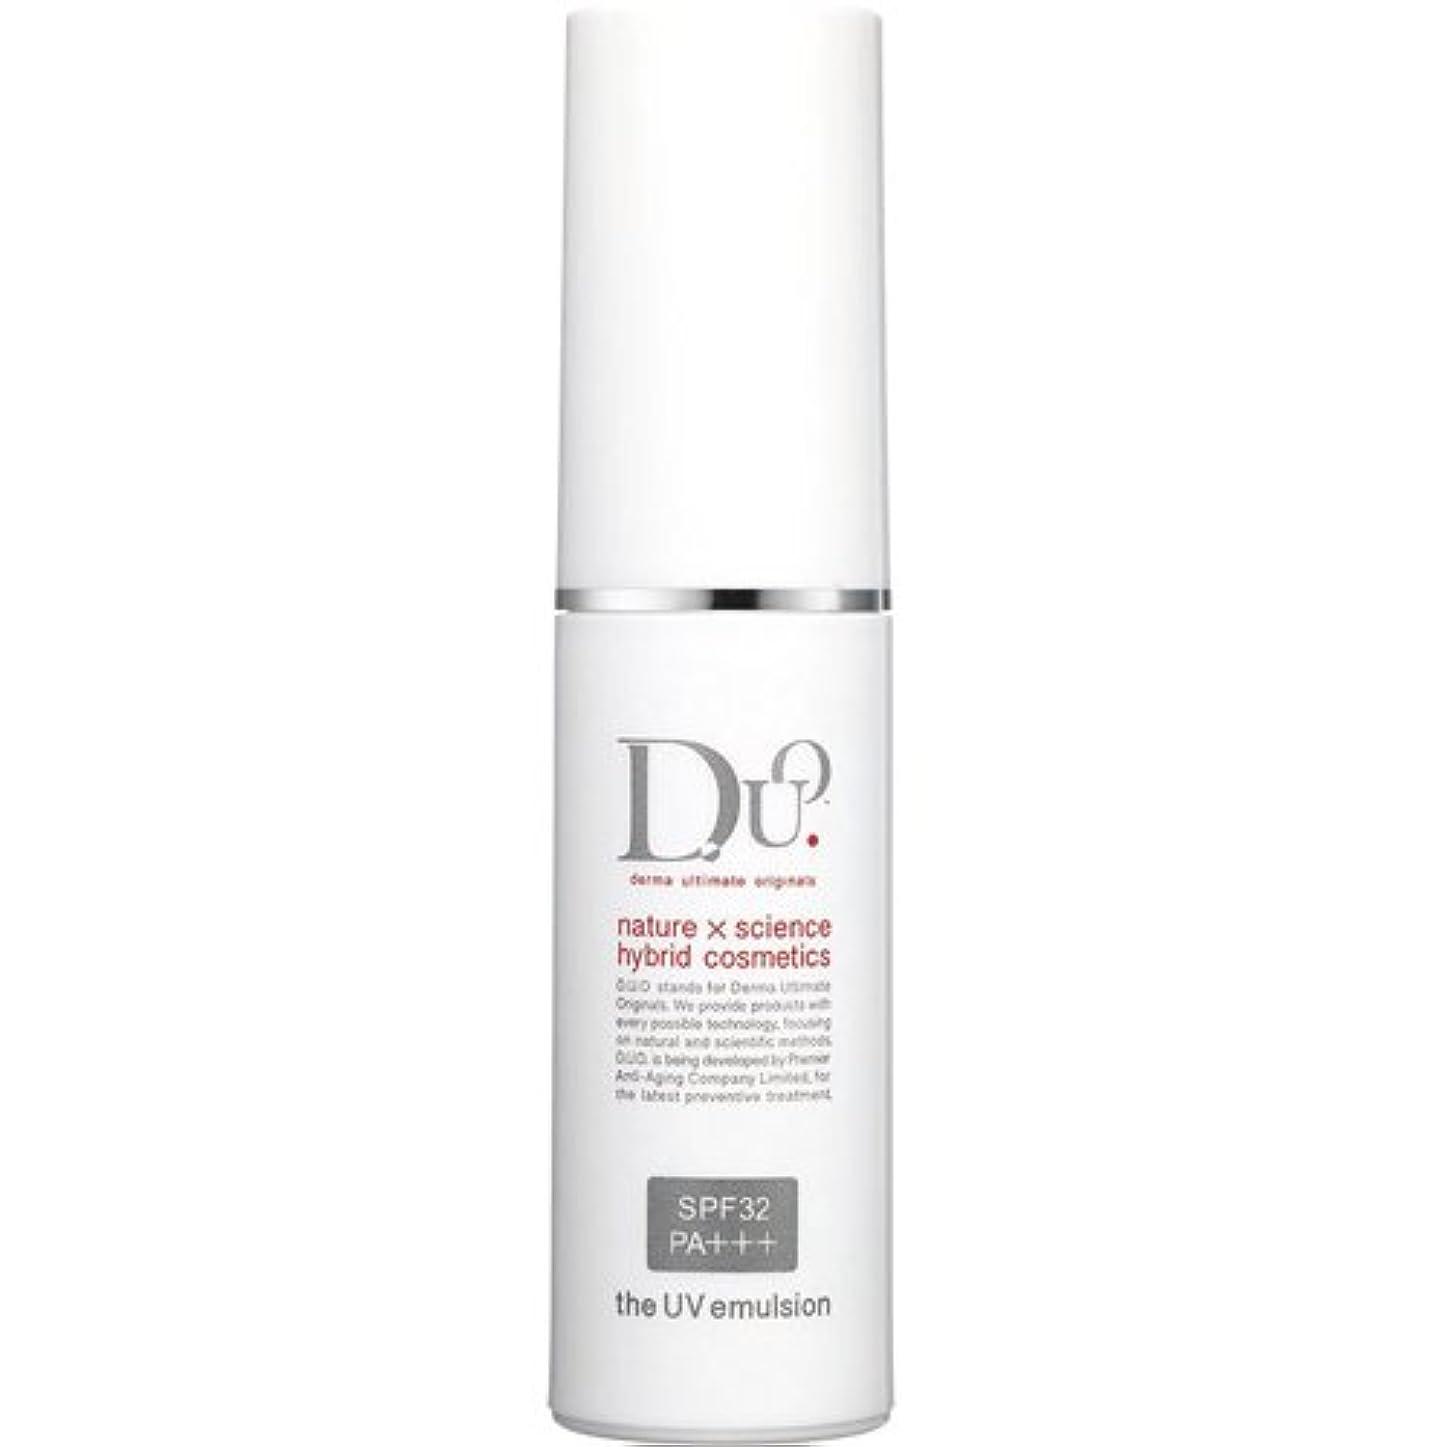 口偽物眼D.U.O. ザ UVエマルジョン 25ml(SPF32 PA++)約2ヶ月分【美容乳液 化粧下地】UV美容乳液 <うるおいキープ> ノンケミカル